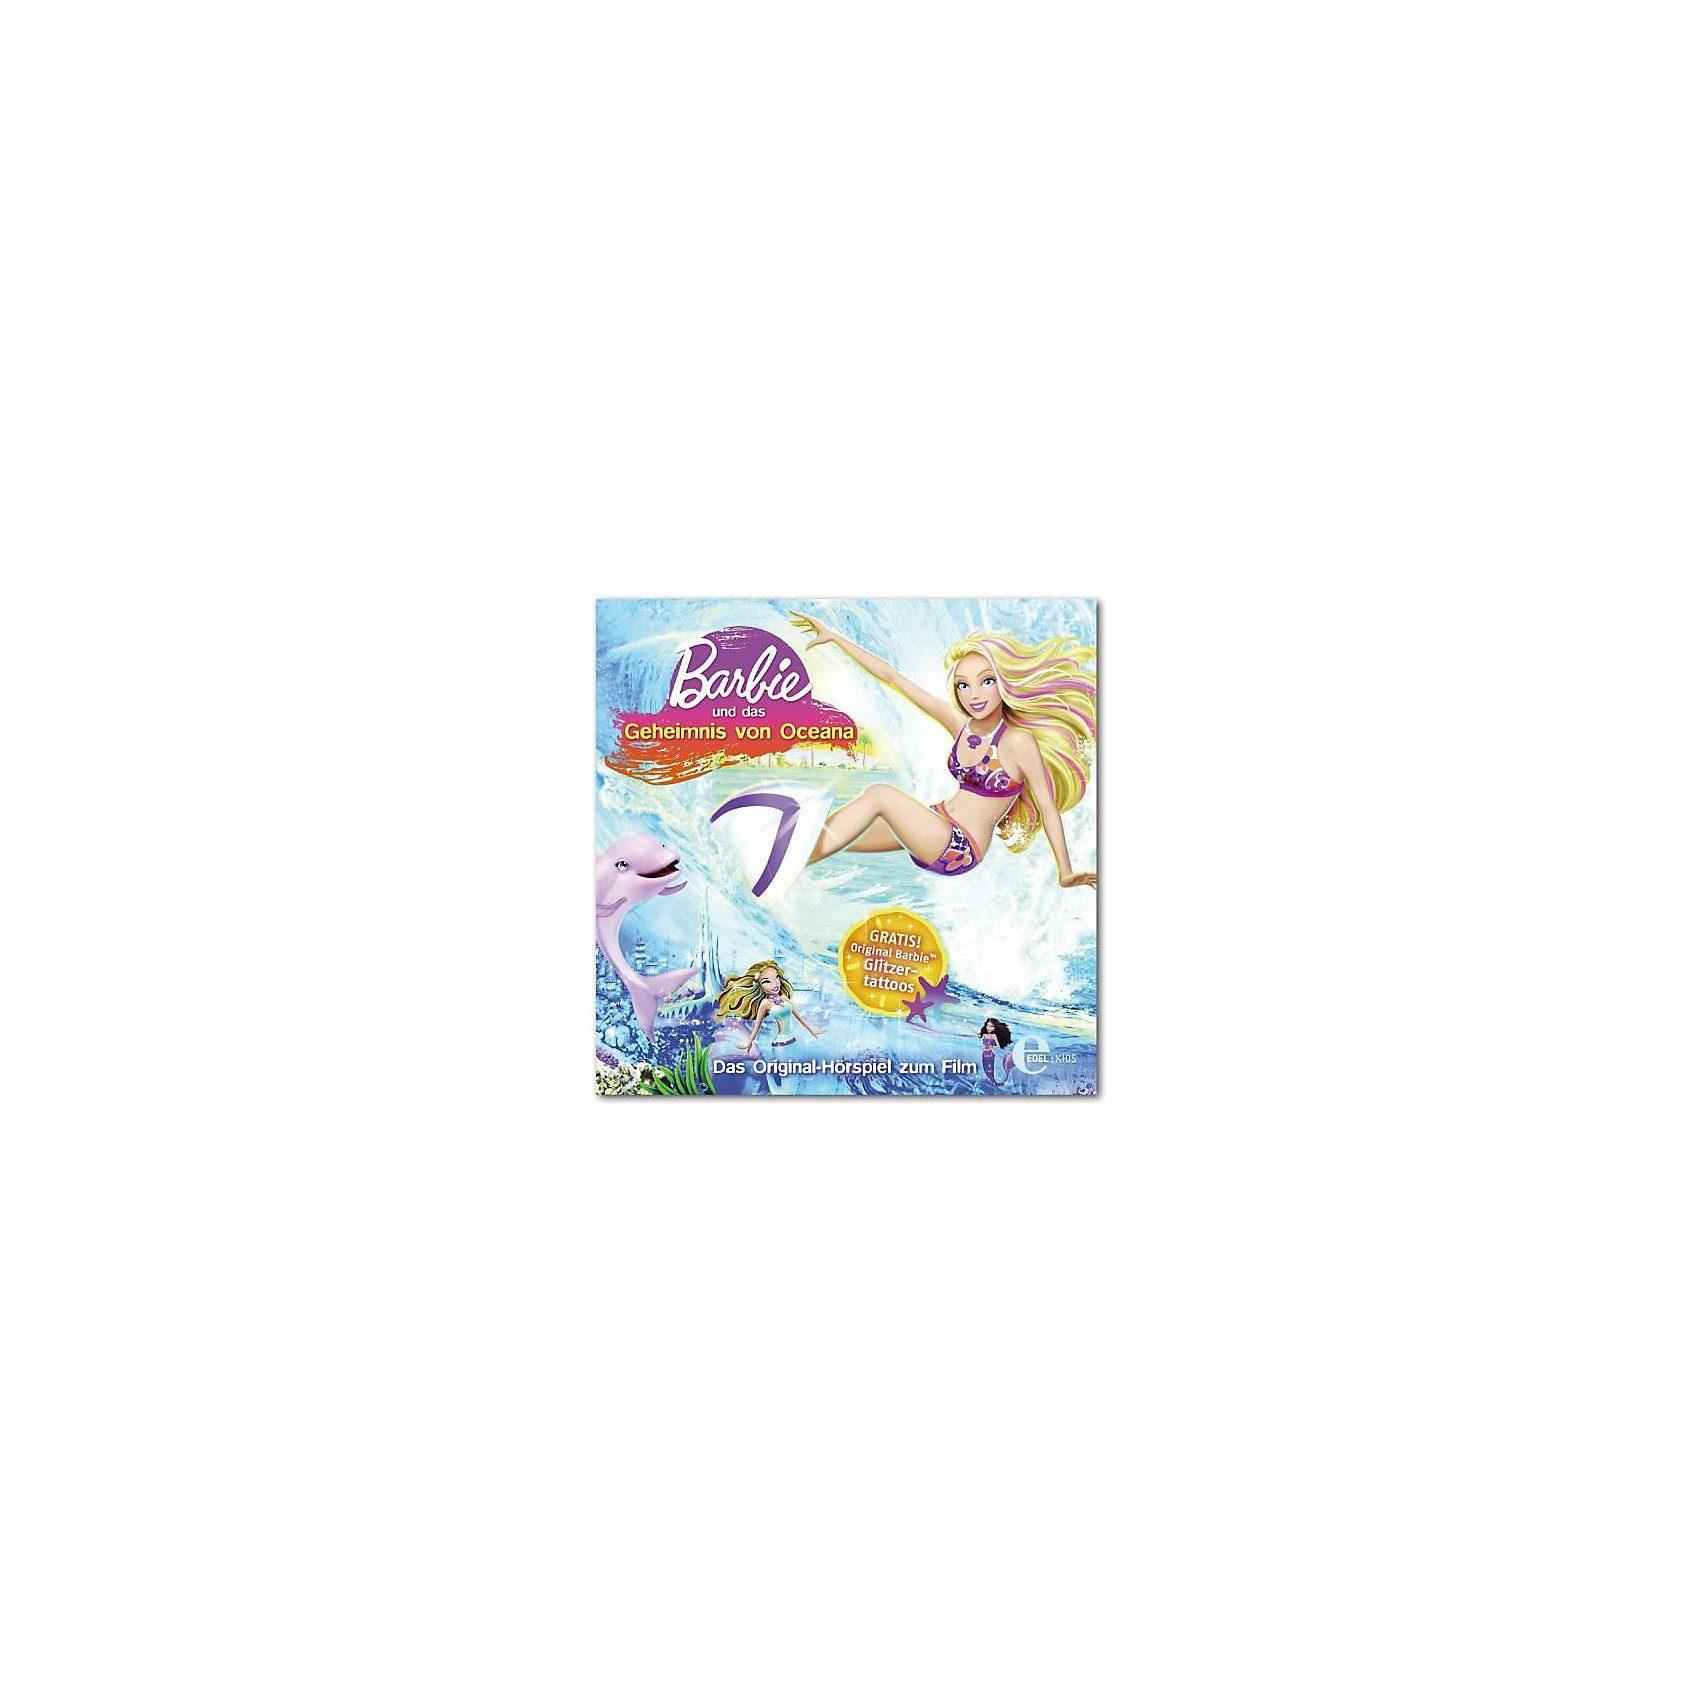 Edel Germany GmbH CD Barbie und Das Geheimnis von Oceana